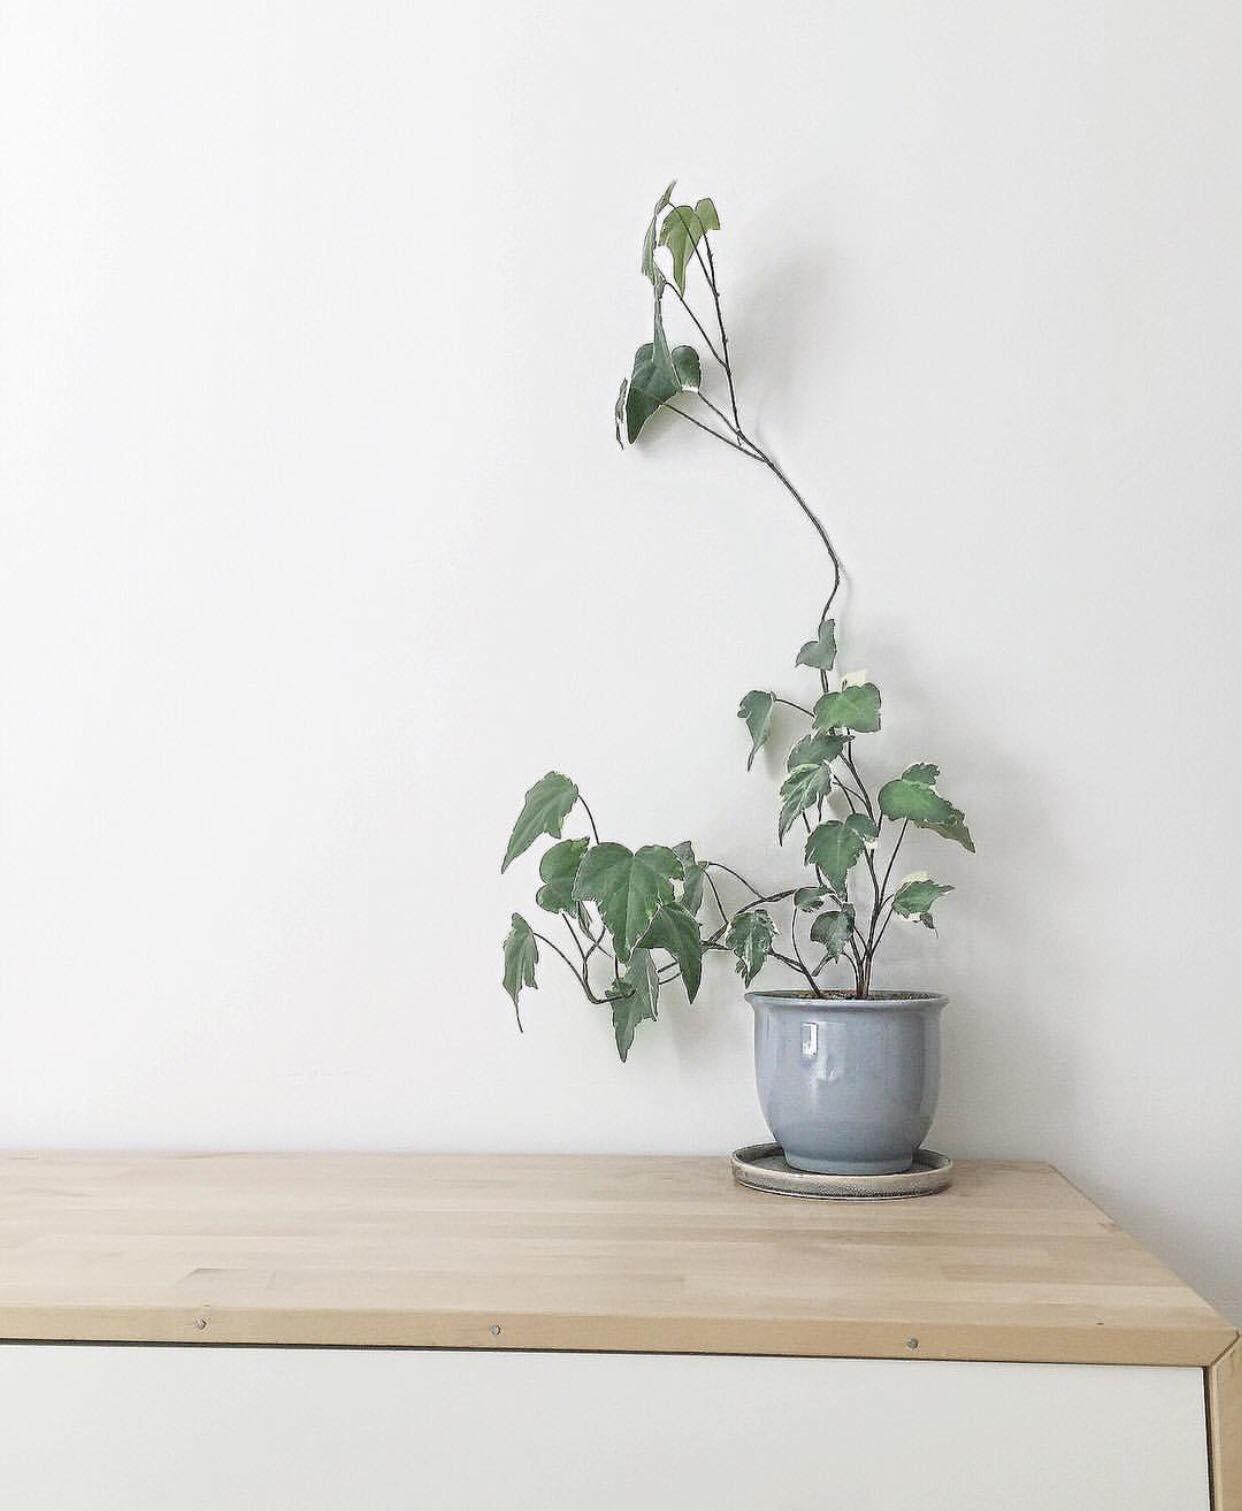 5 trucs minimalistes pour simplifier sa vie au quotidien vivre avec moins. Black Bedroom Furniture Sets. Home Design Ideas